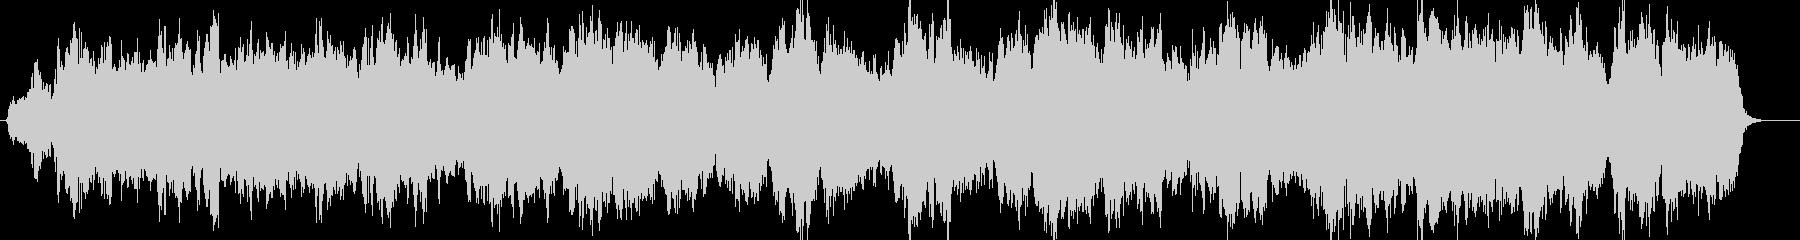 ゆったりとしたオーケストラ楽曲の未再生の波形